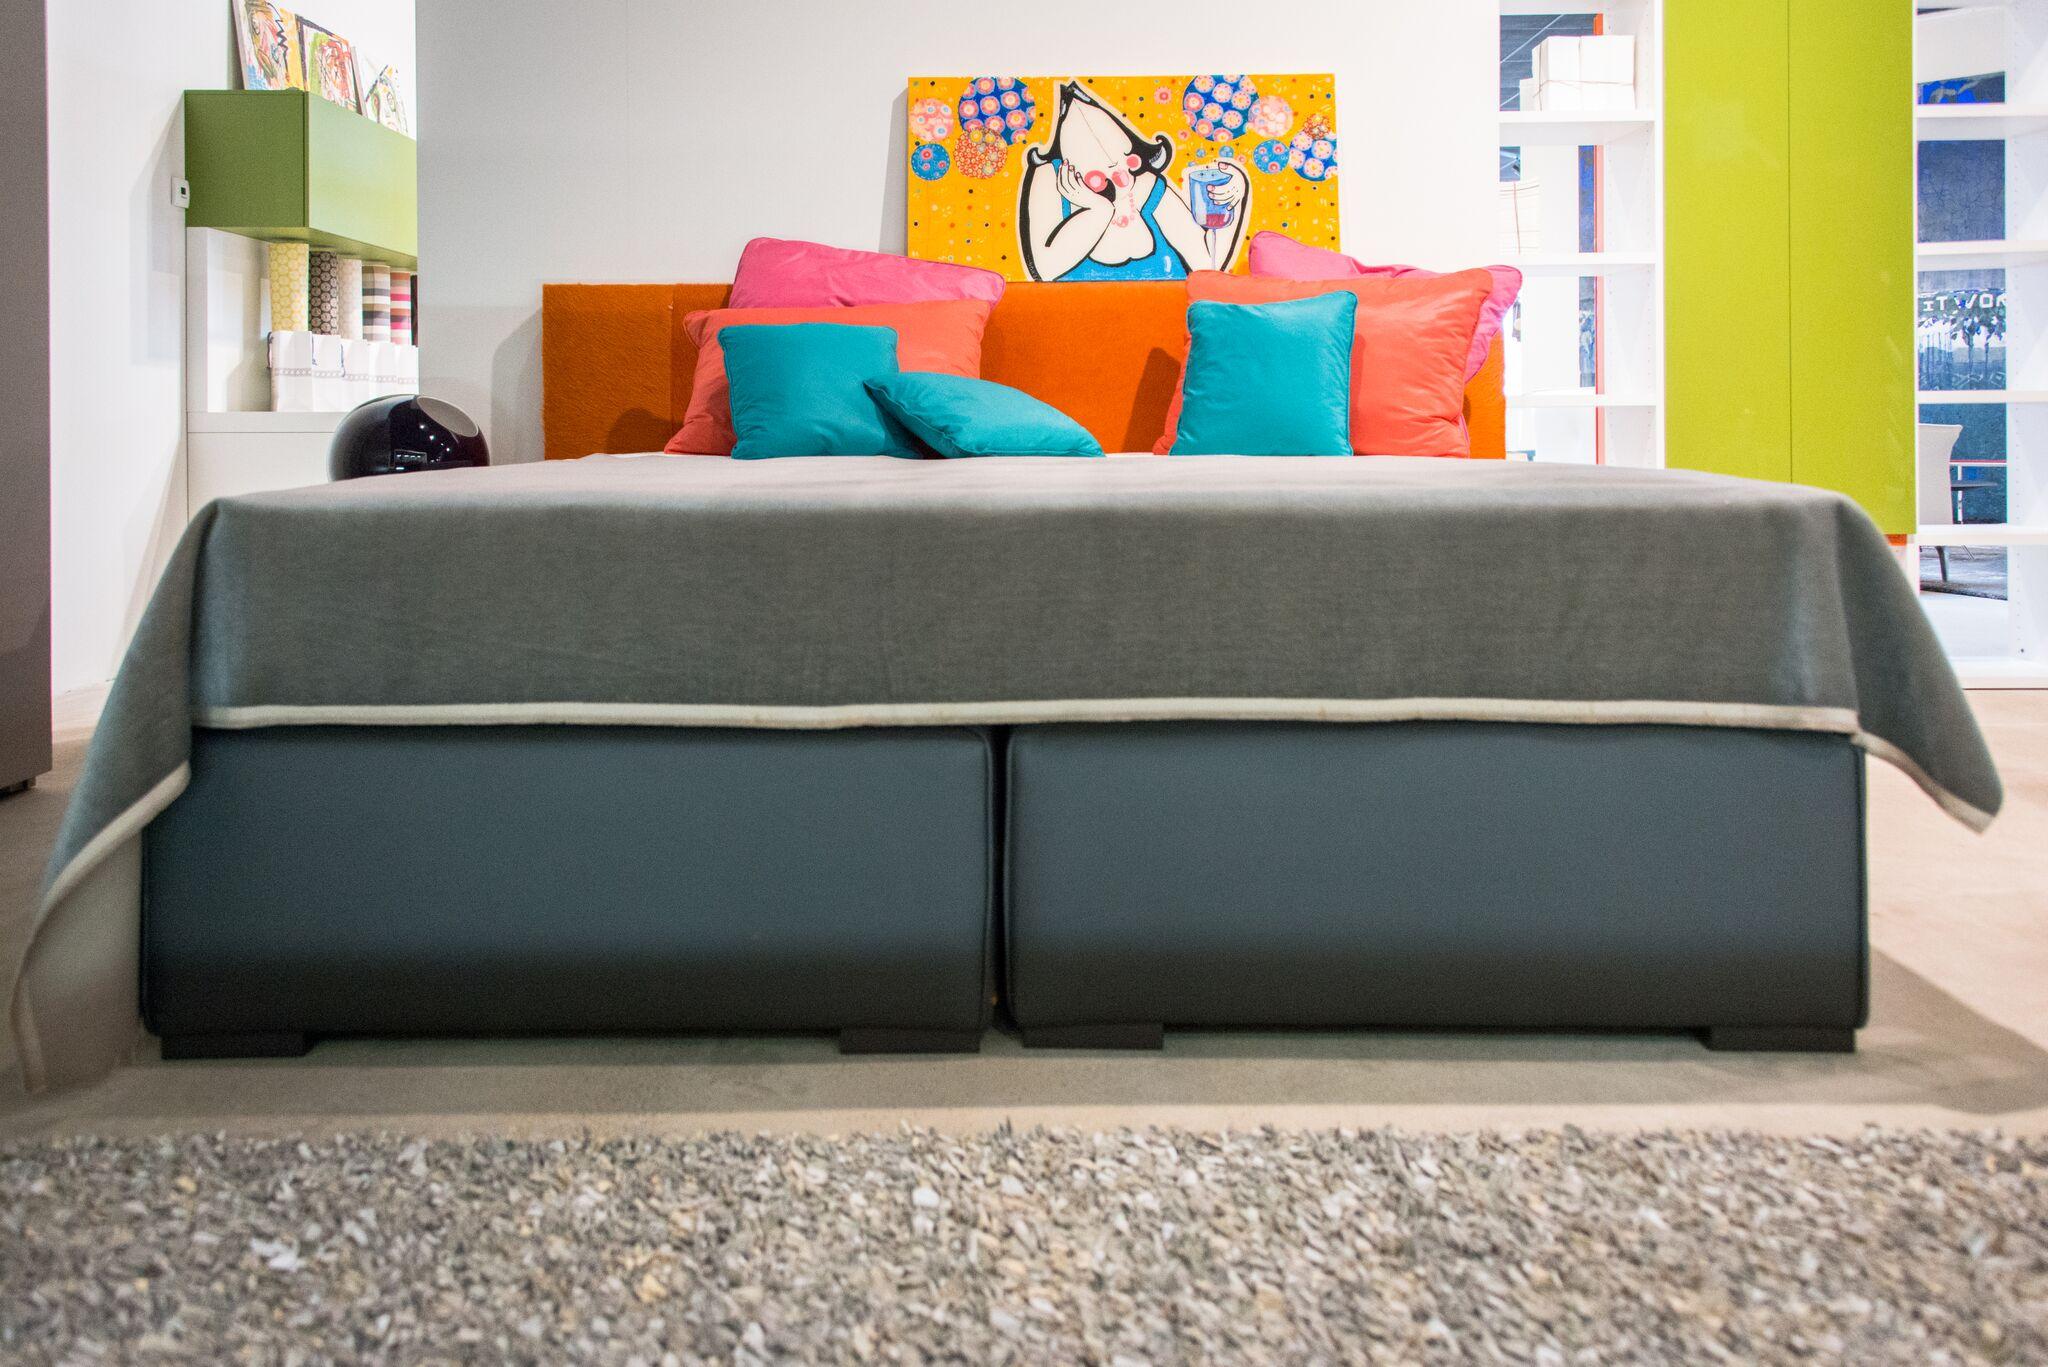 l agence 197 design architecte d int rieur strasbourg. Black Bedroom Furniture Sets. Home Design Ideas